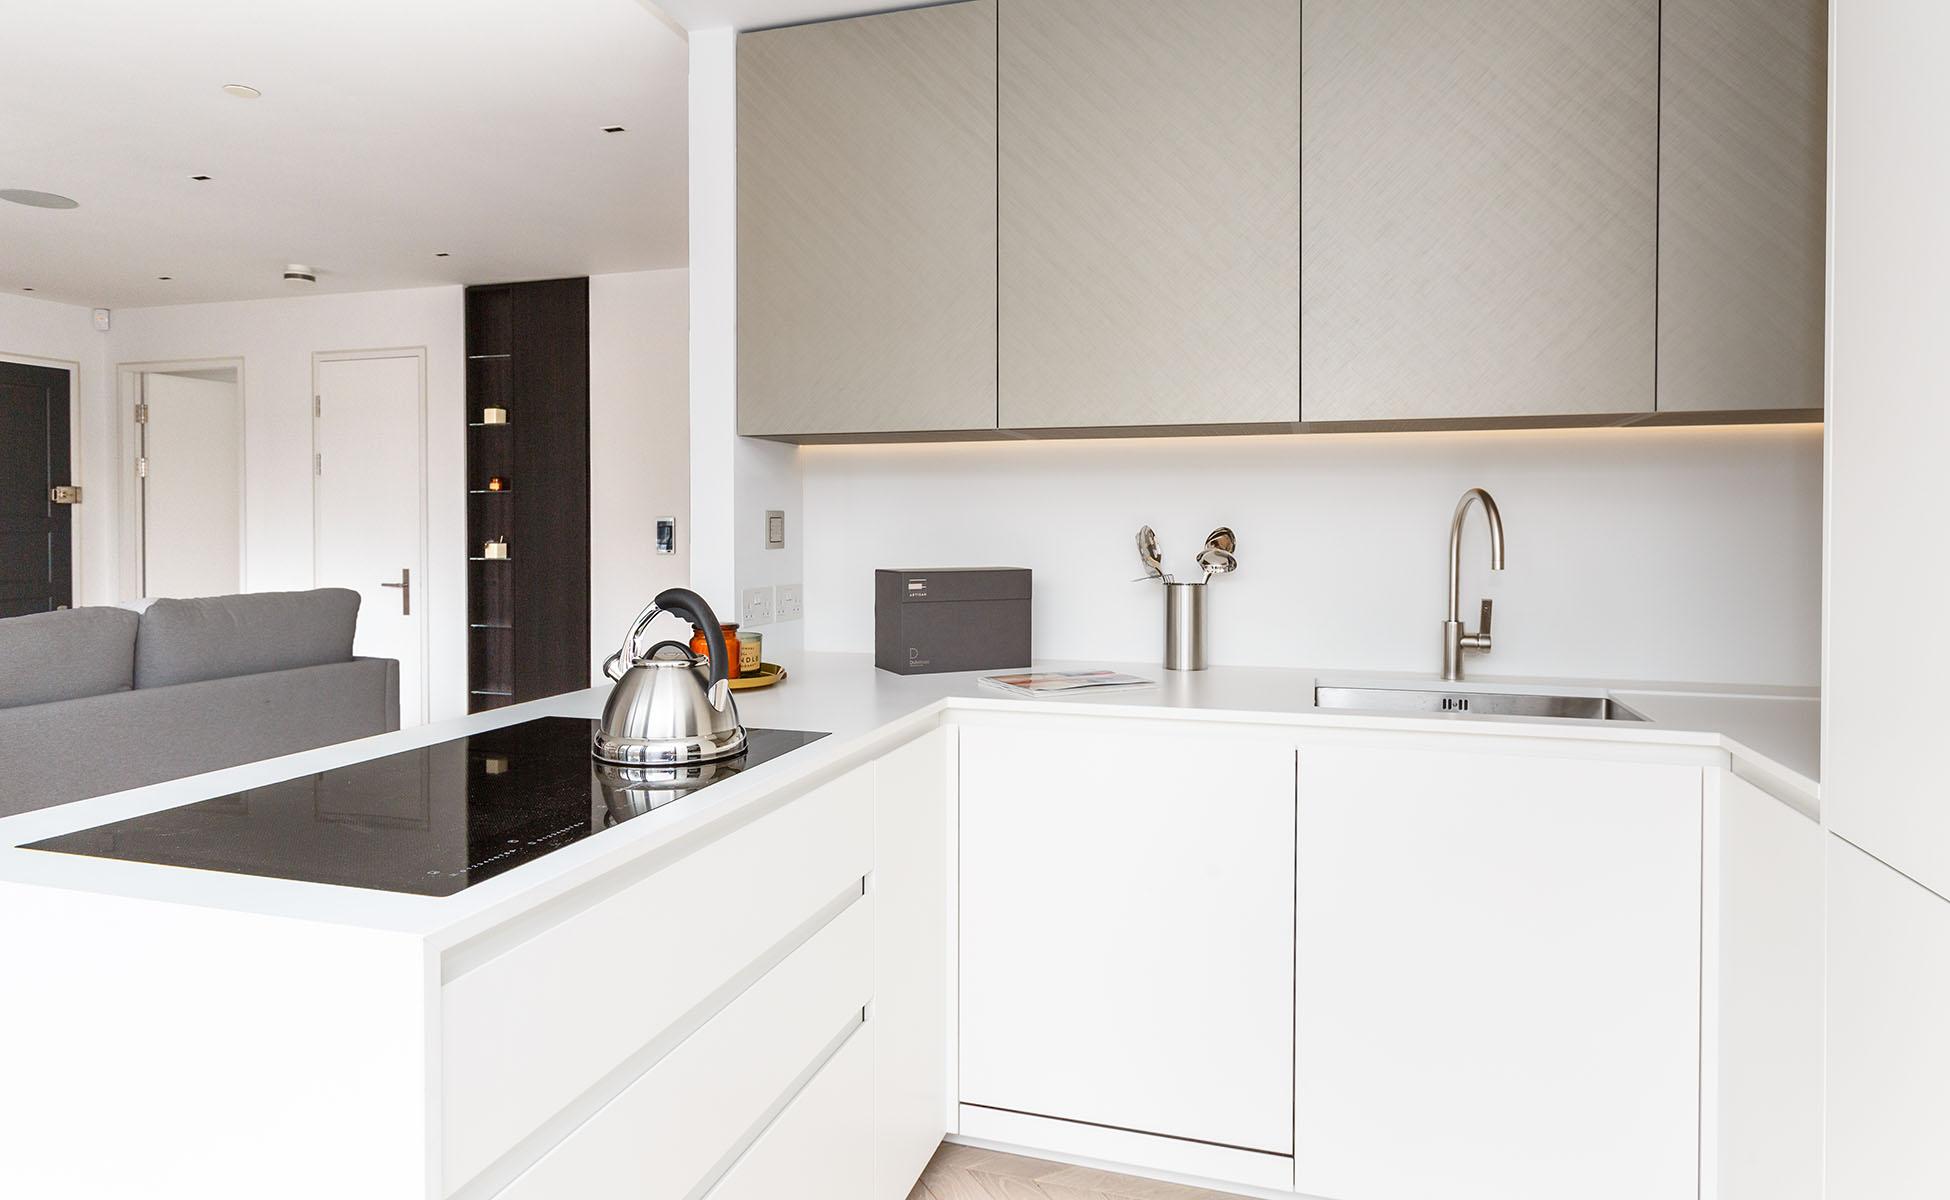 Lovelydays luxury service apartment rental - London - Fitzrovia - Newman Street IV - Lovelysuite - 2 bedrooms - 2 bathrooms - Luxury kitchen - rent luxury apartment london - 7d48a51660c2 - Lovelydays